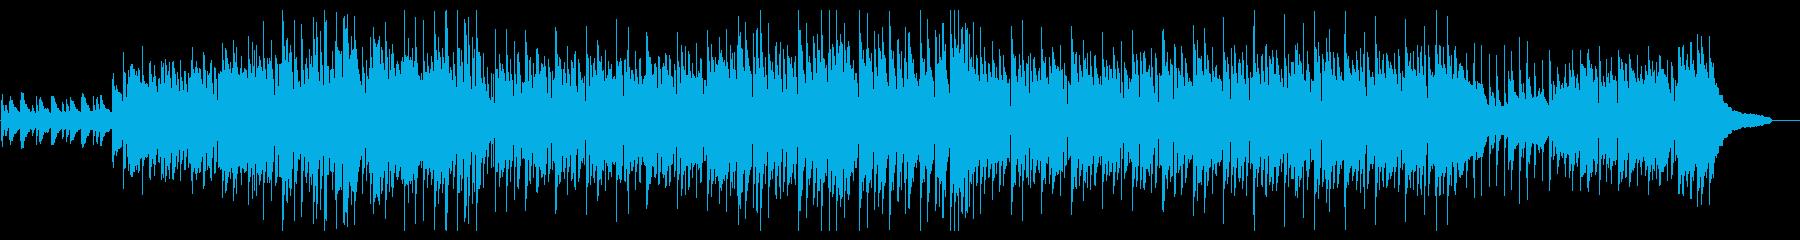 春/爽やか/ポップ/バンド/シンプルの再生済みの波形